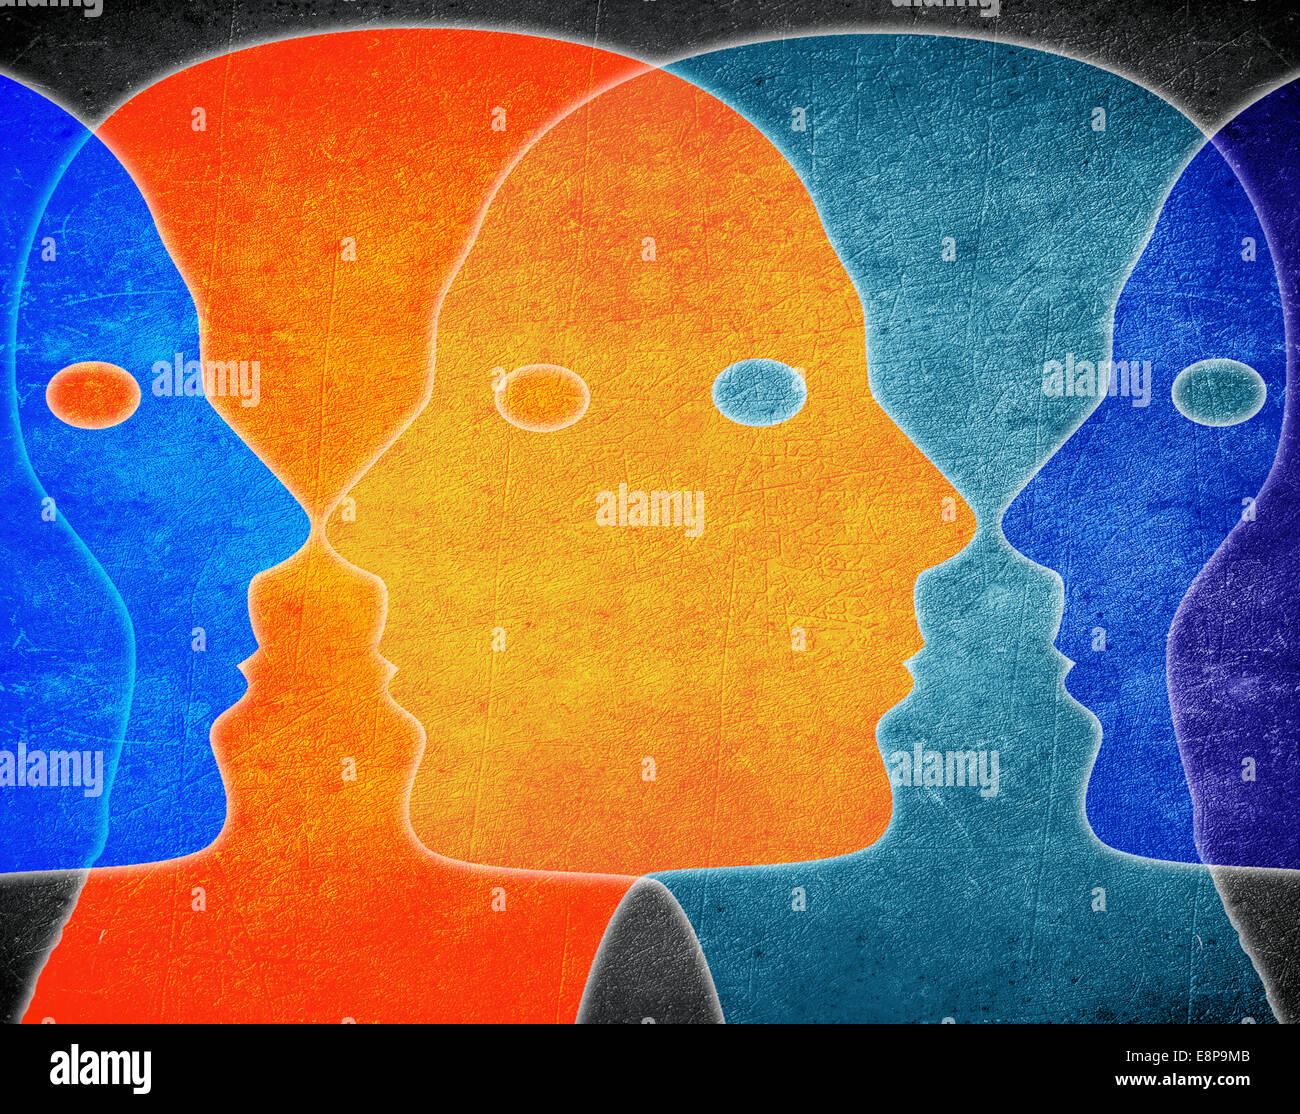 Quattro testine di colori illustrazione digitale Immagini Stock